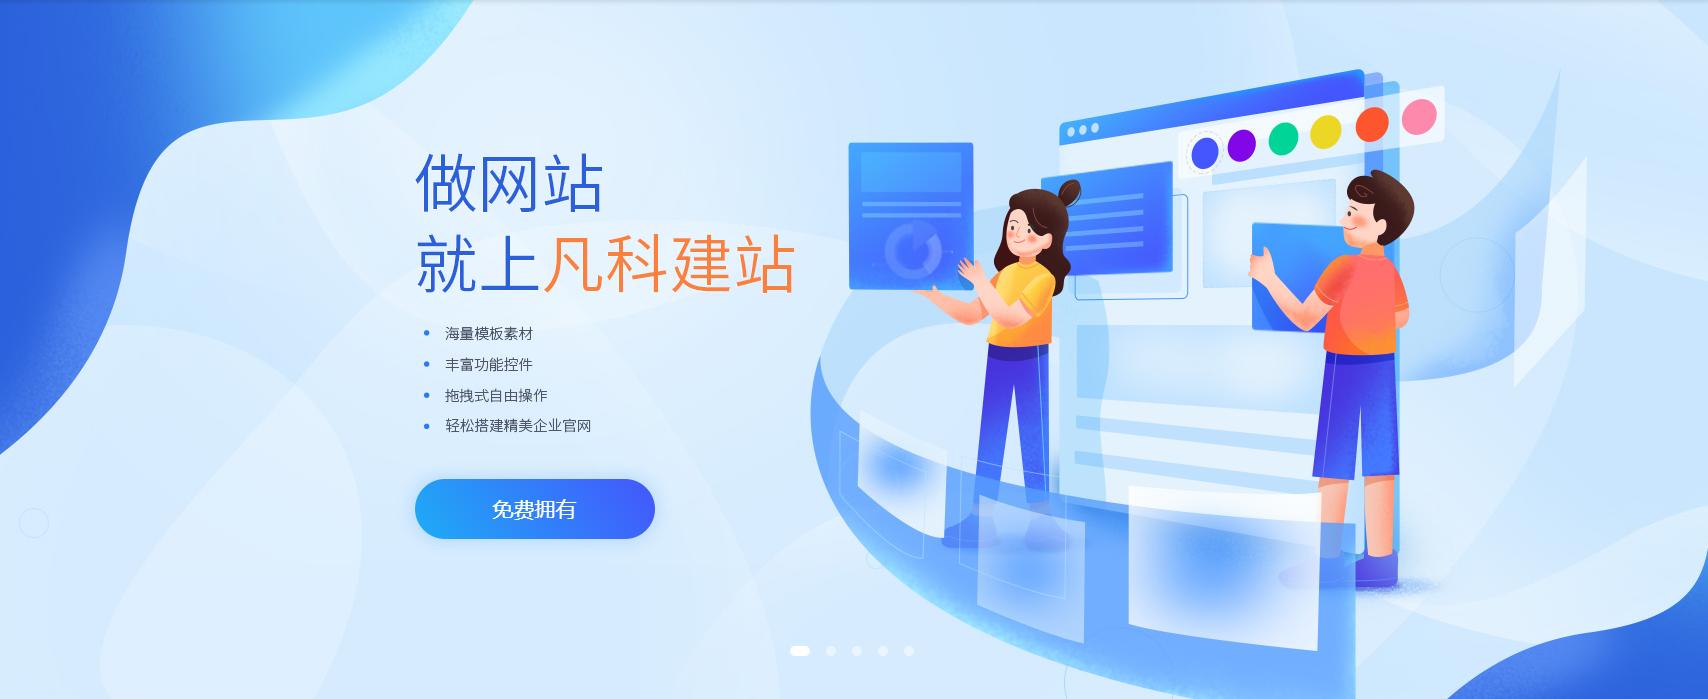 网站建设中文字排版的技巧